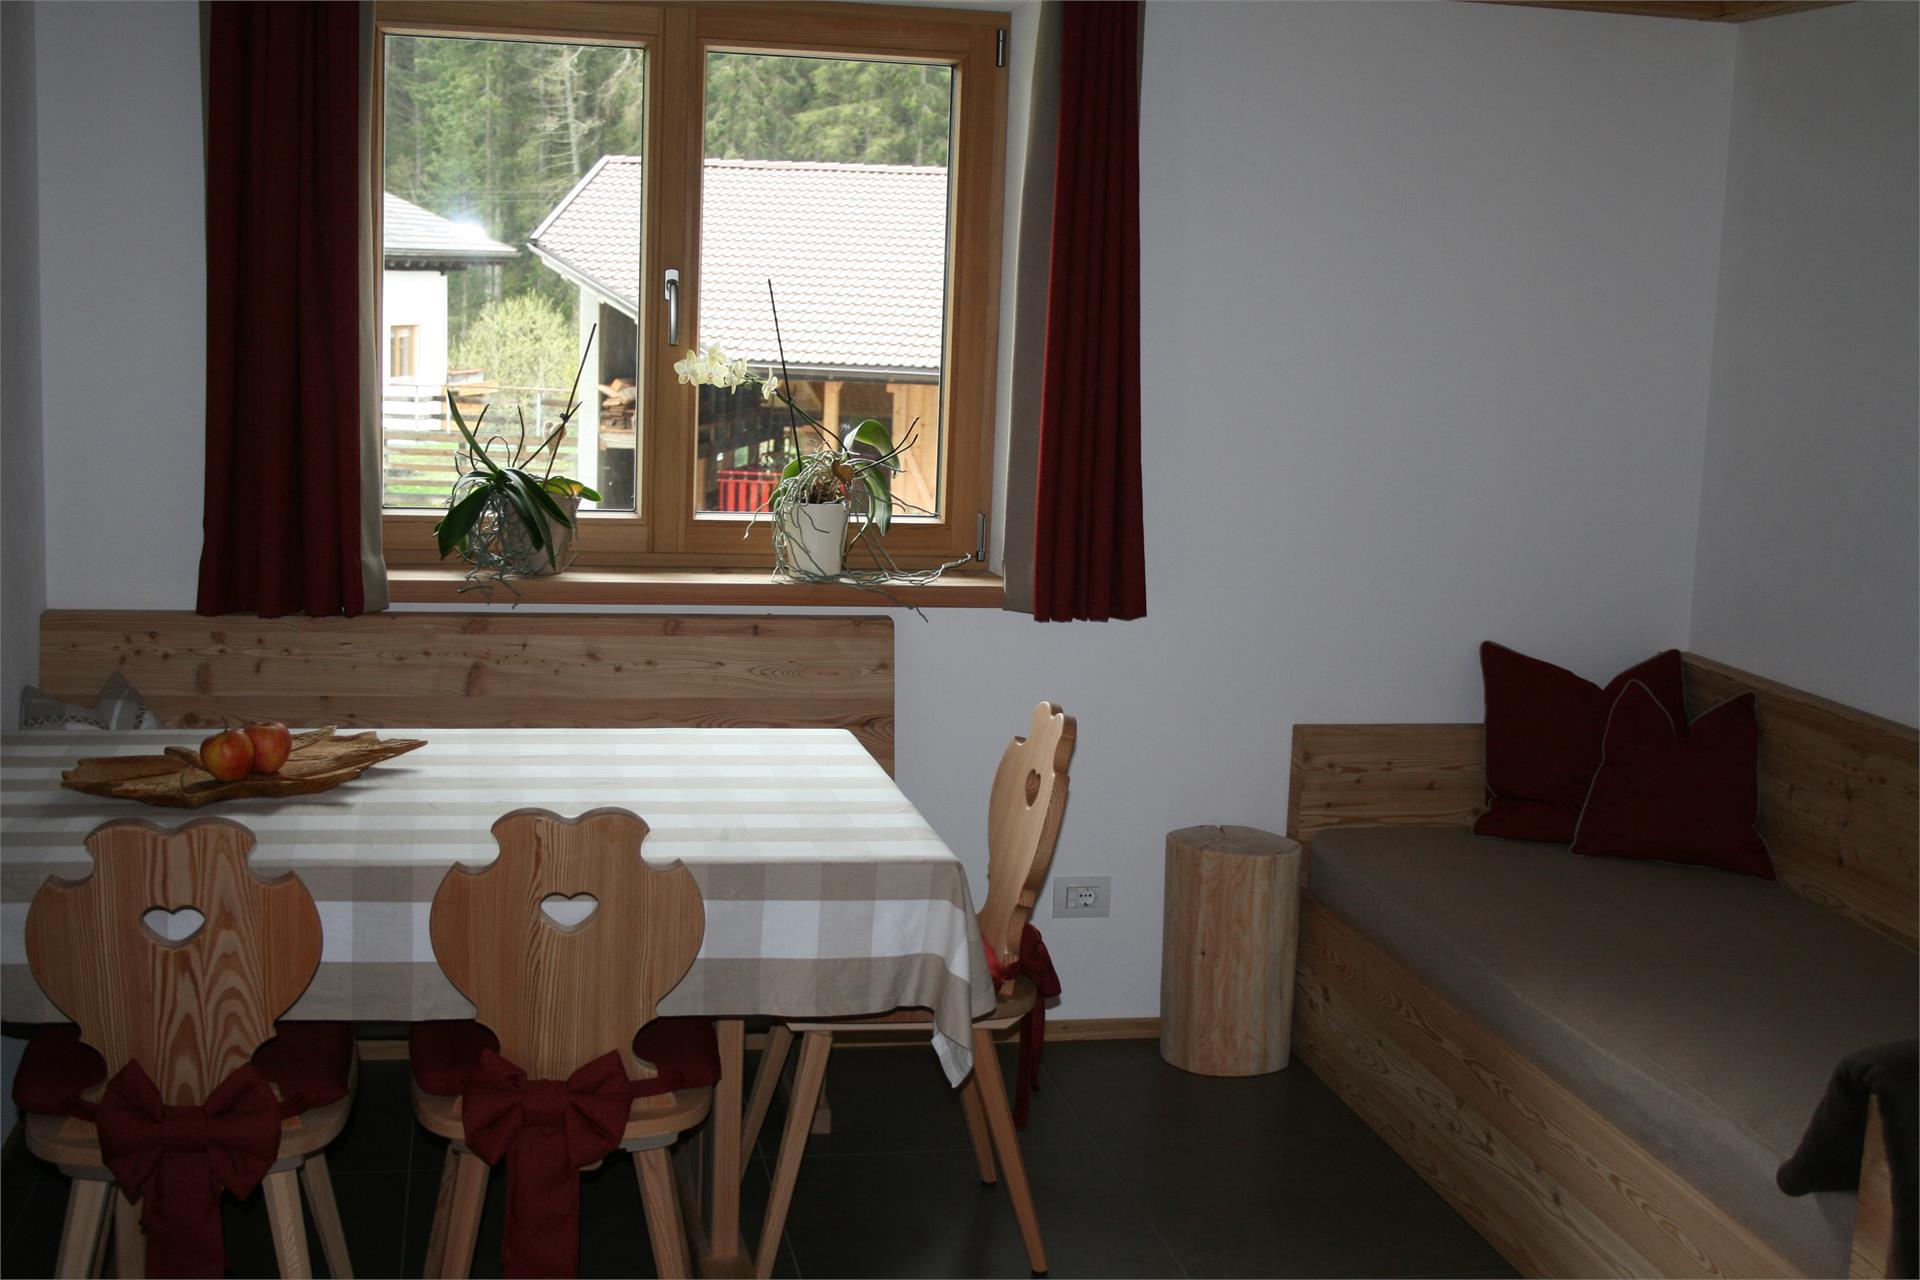 appartamento Karin - tavolo da pranzo e divano